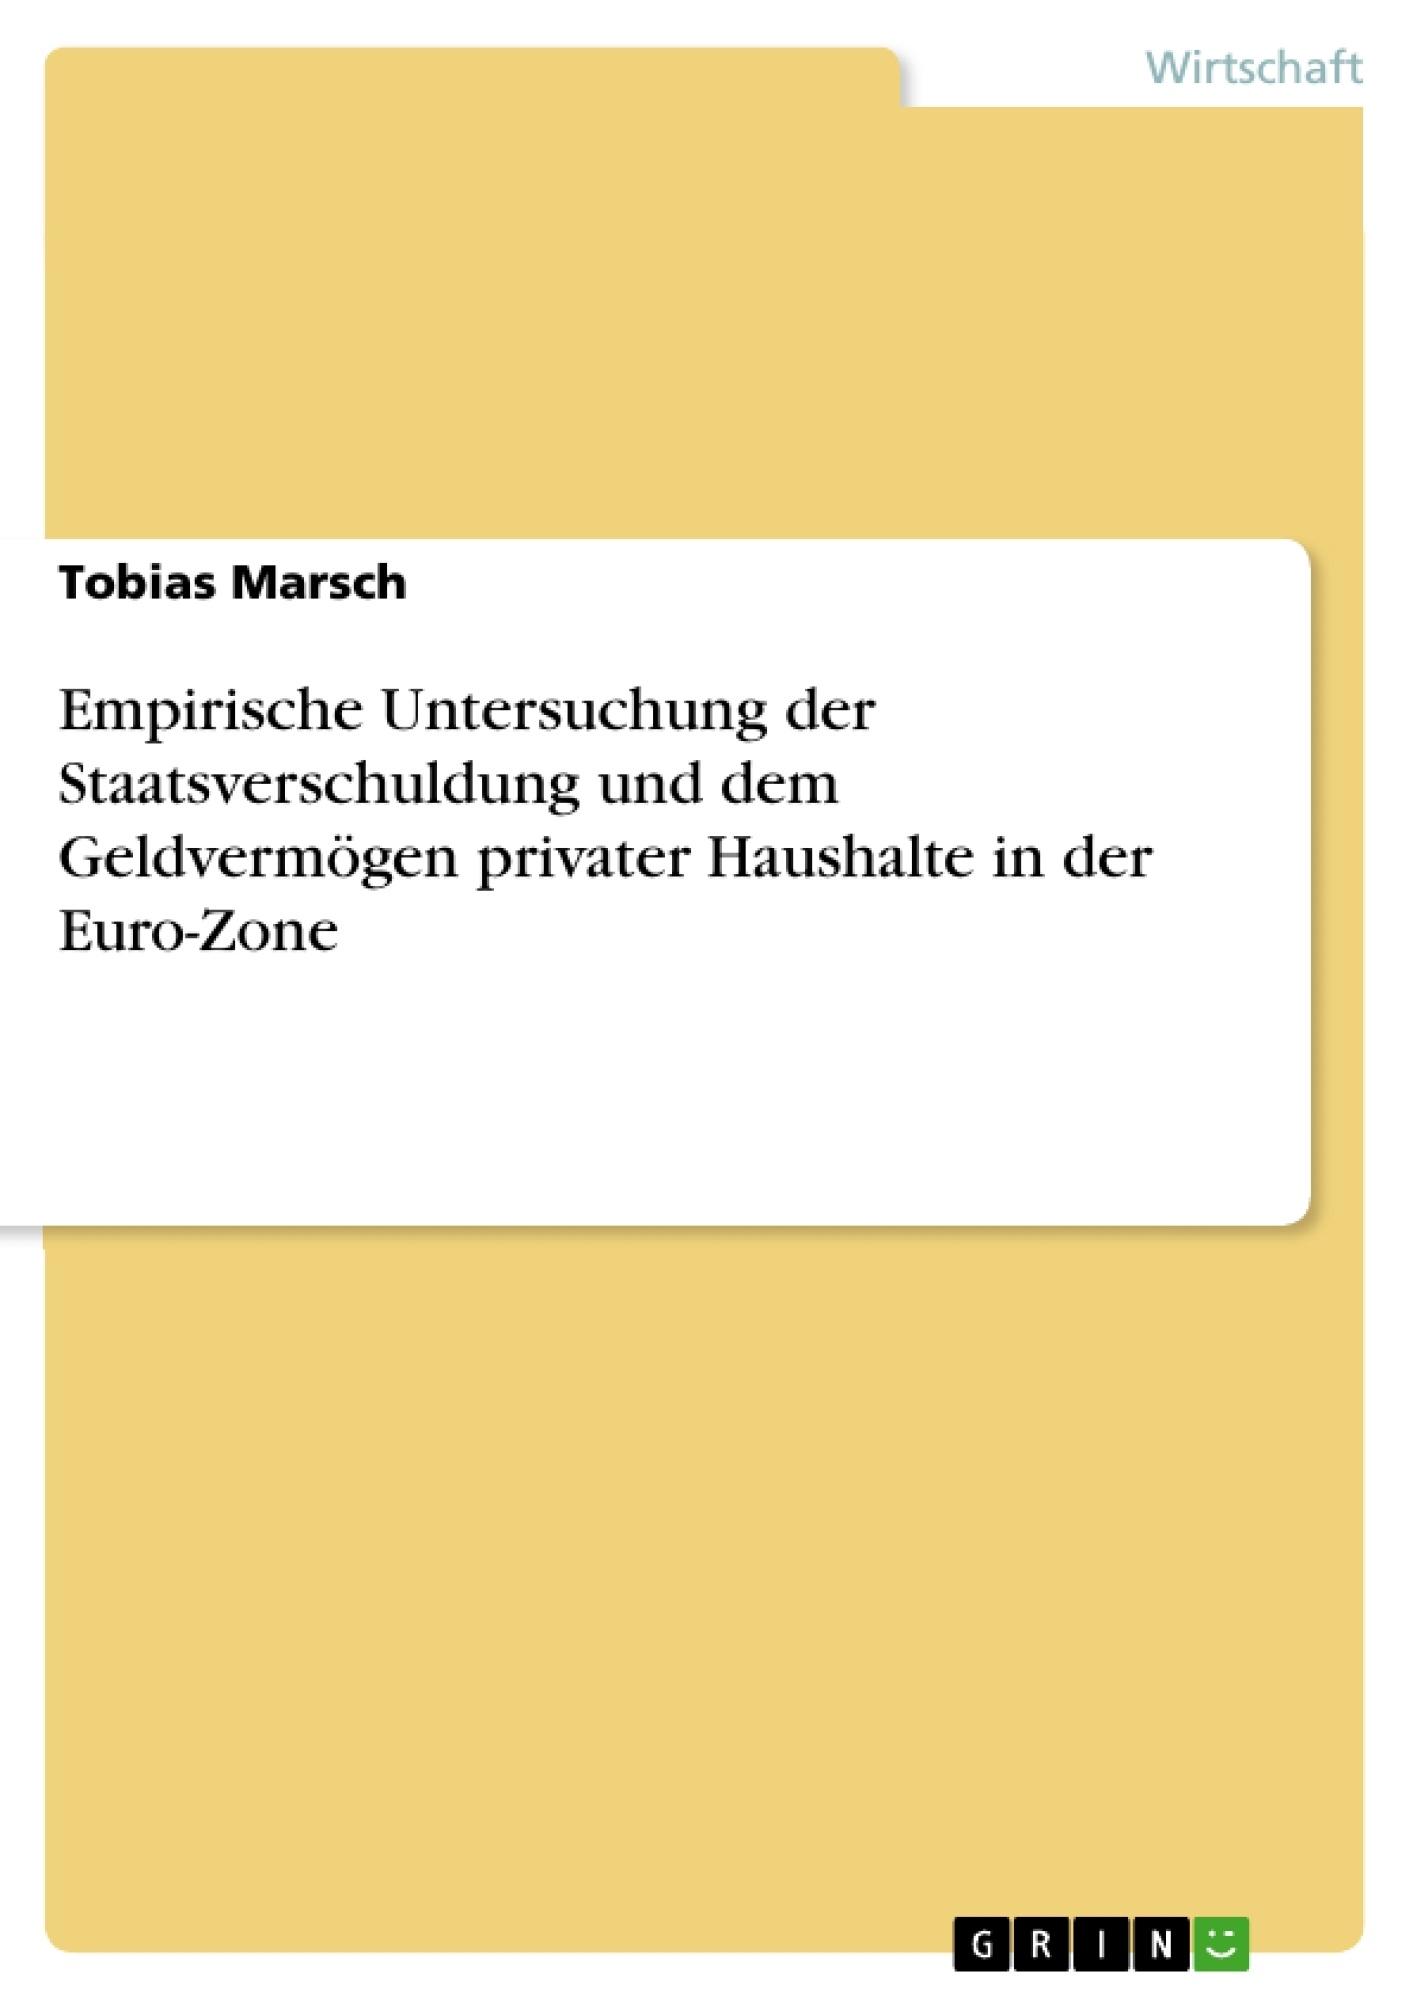 Titel: Empirische Untersuchung der Staatsverschuldung und dem Geldvermögen privater Haushalte in der Euro-Zone